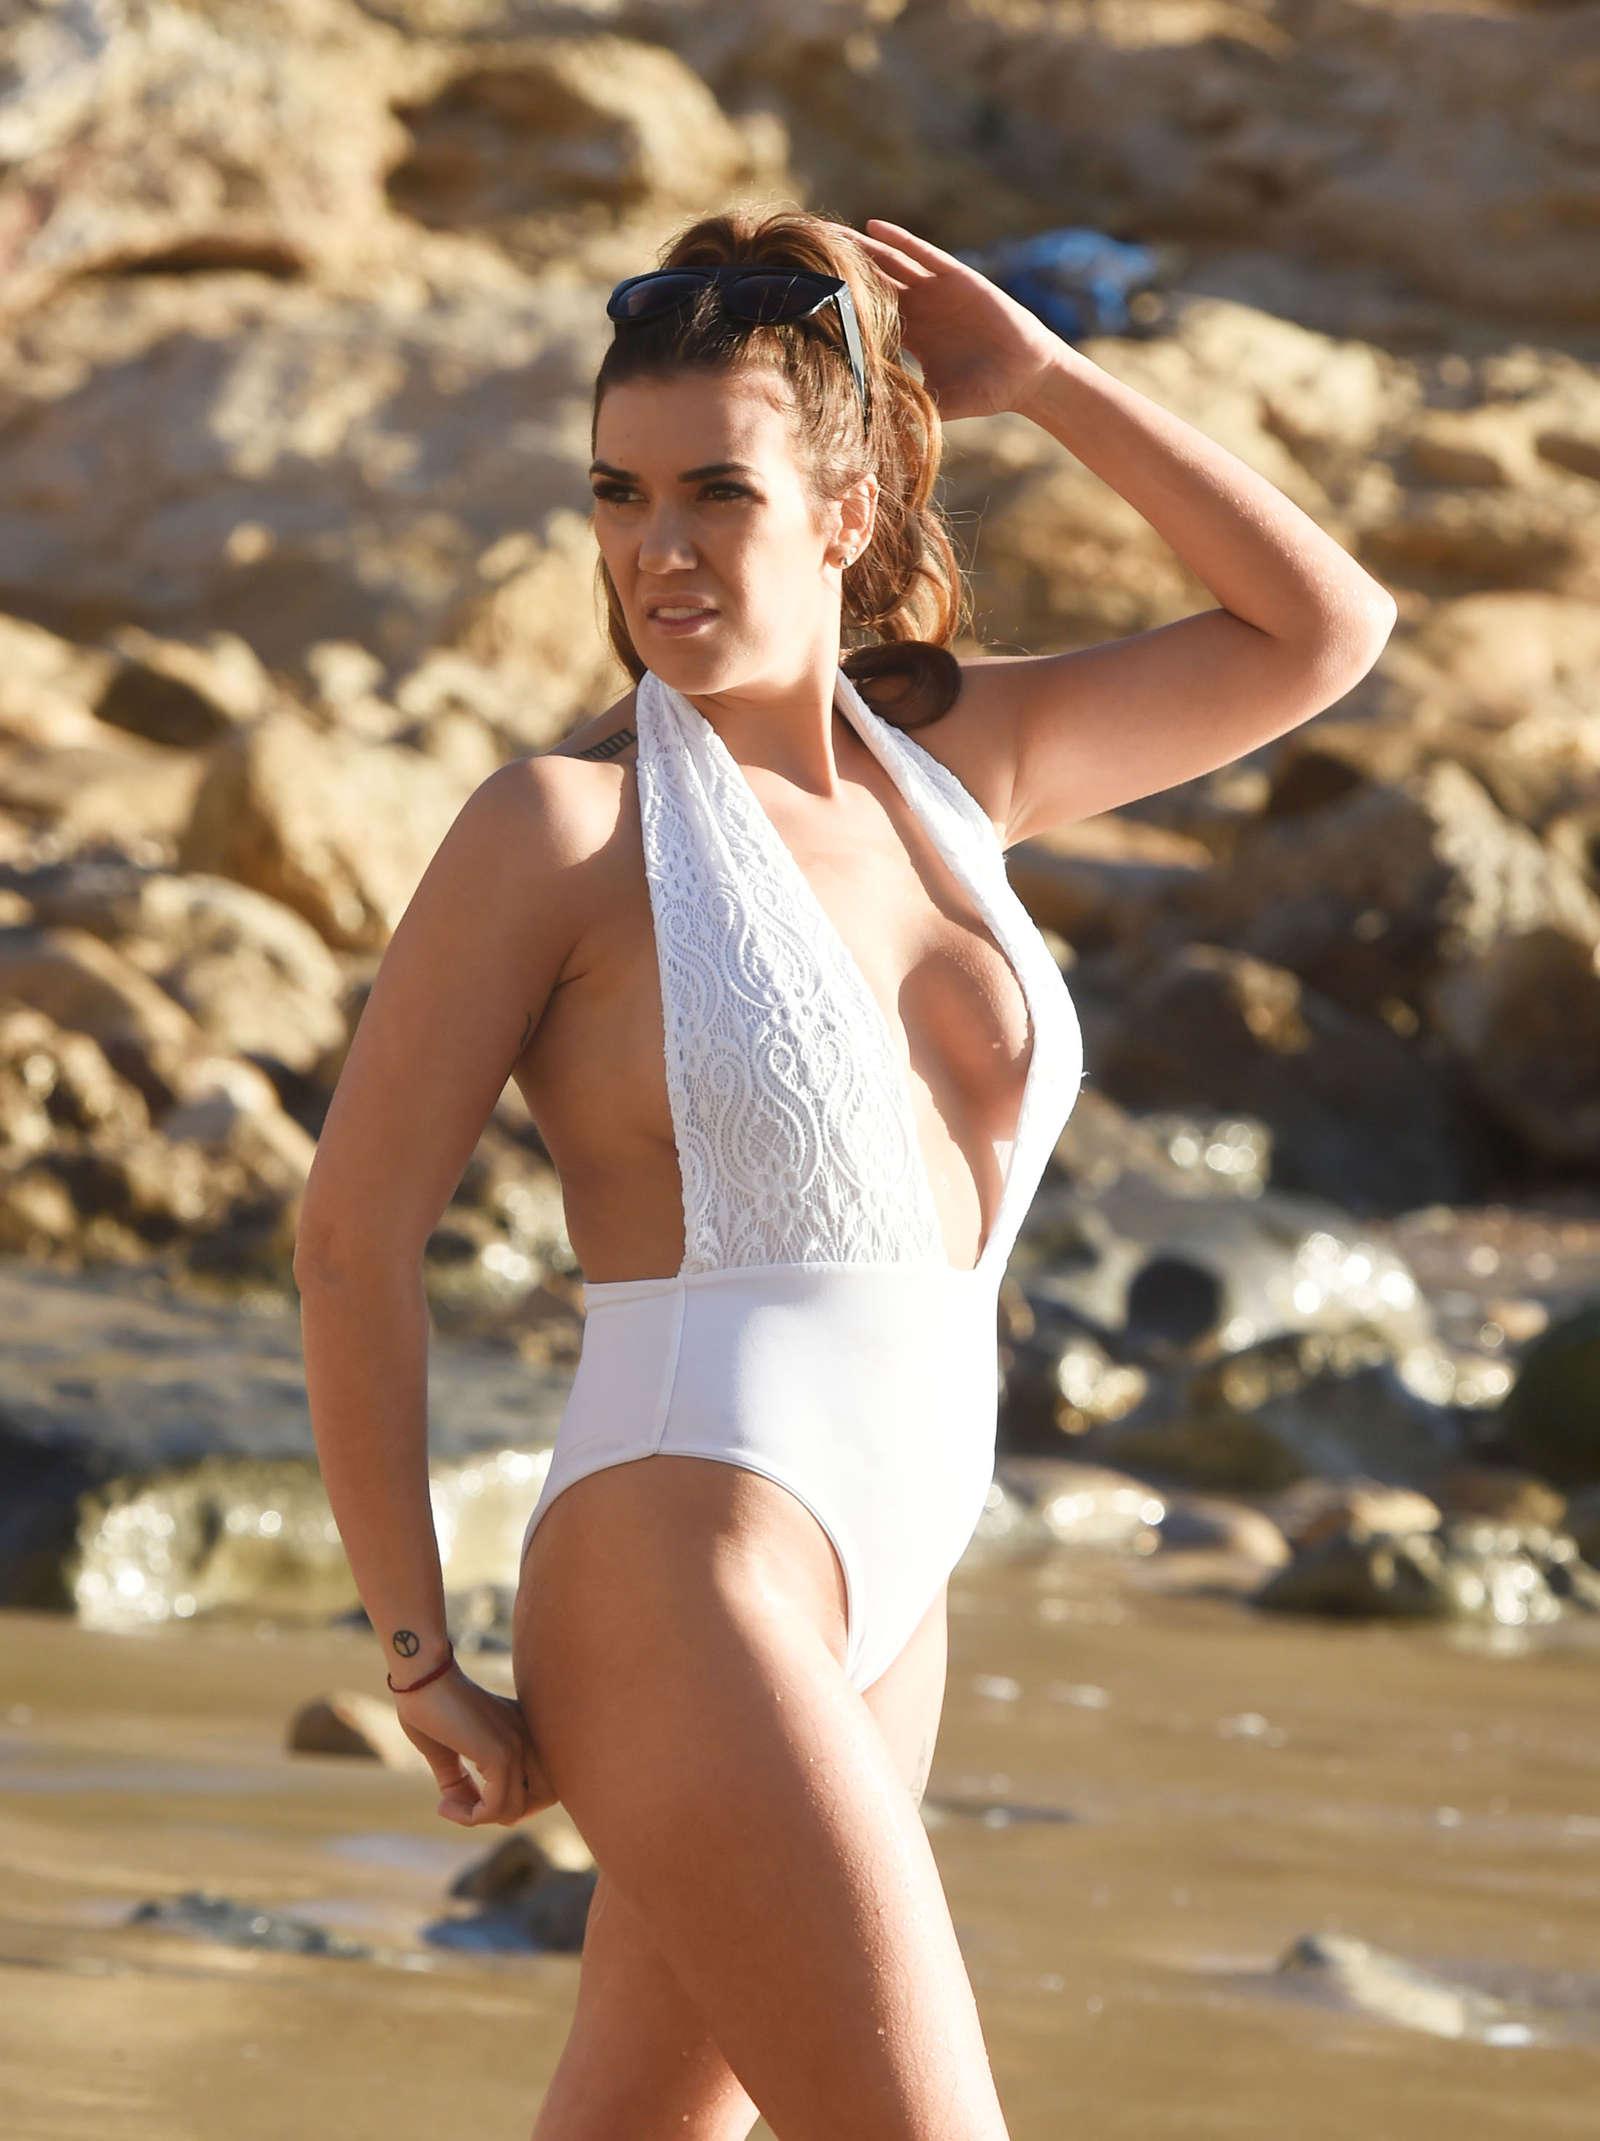 Imogen Townley nude (17 photos), Topless, Hot, Instagram, bra 2015